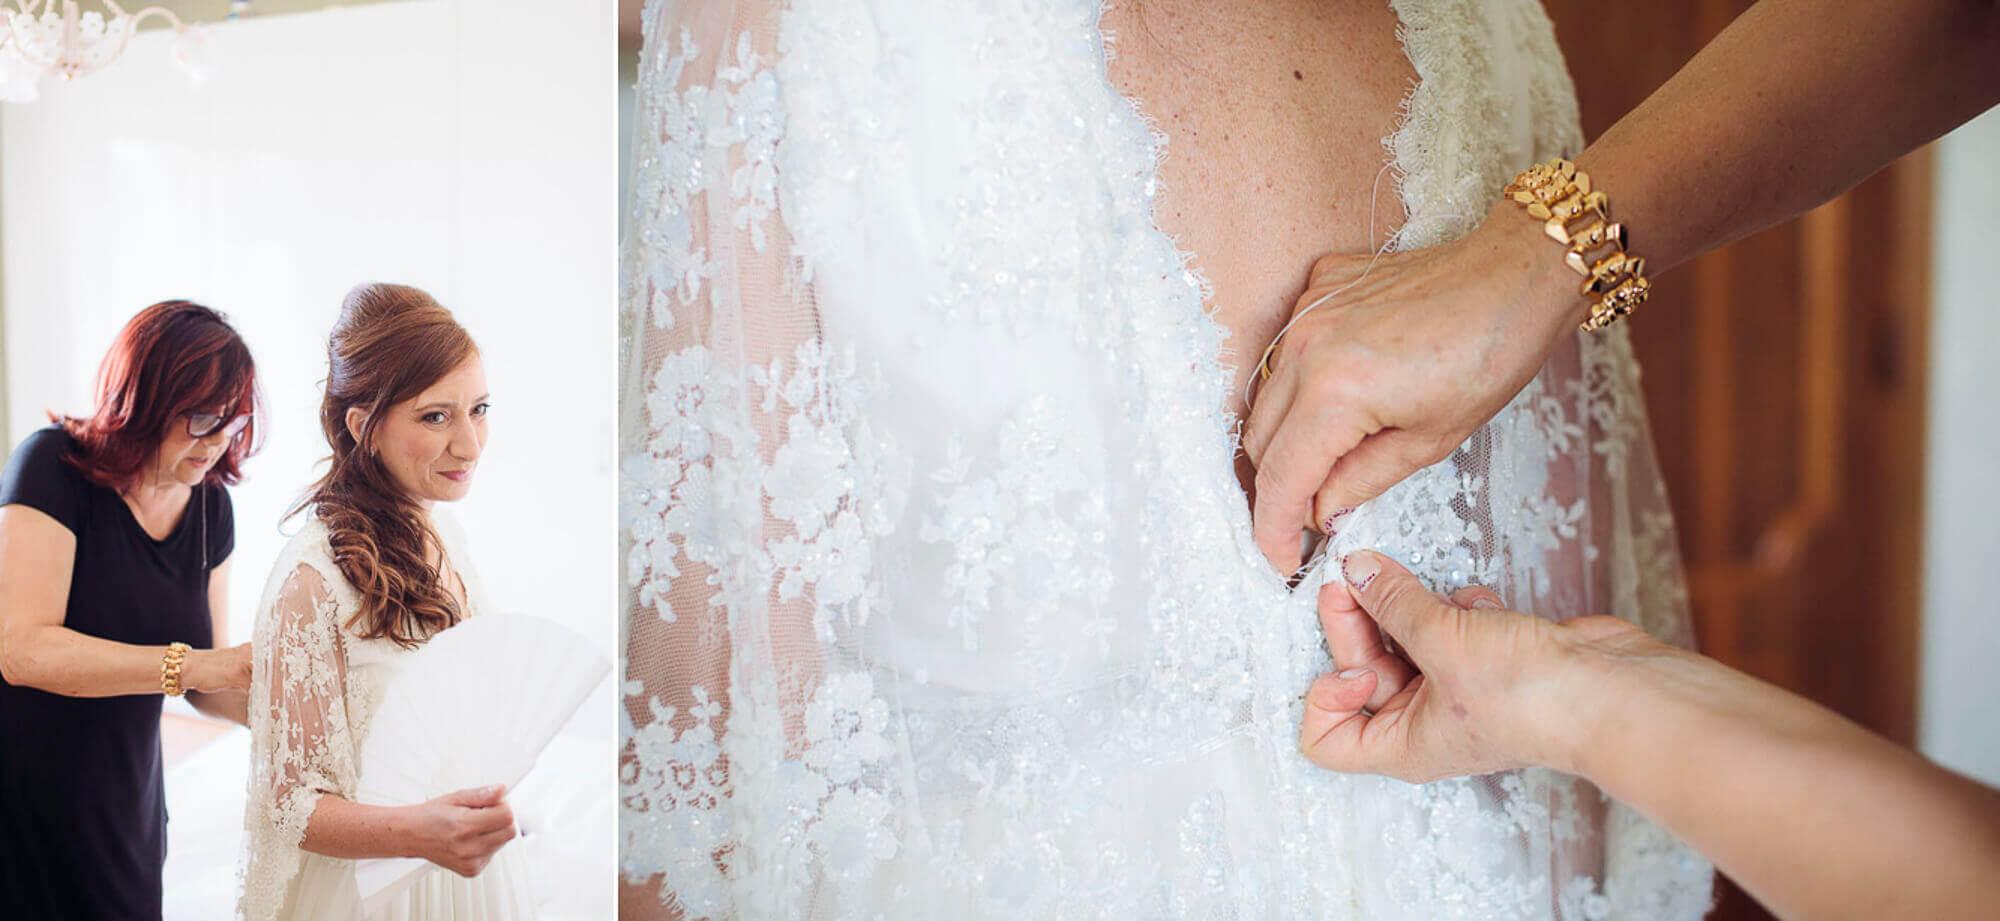 15_wedding_marche_bride getting ready.jpg